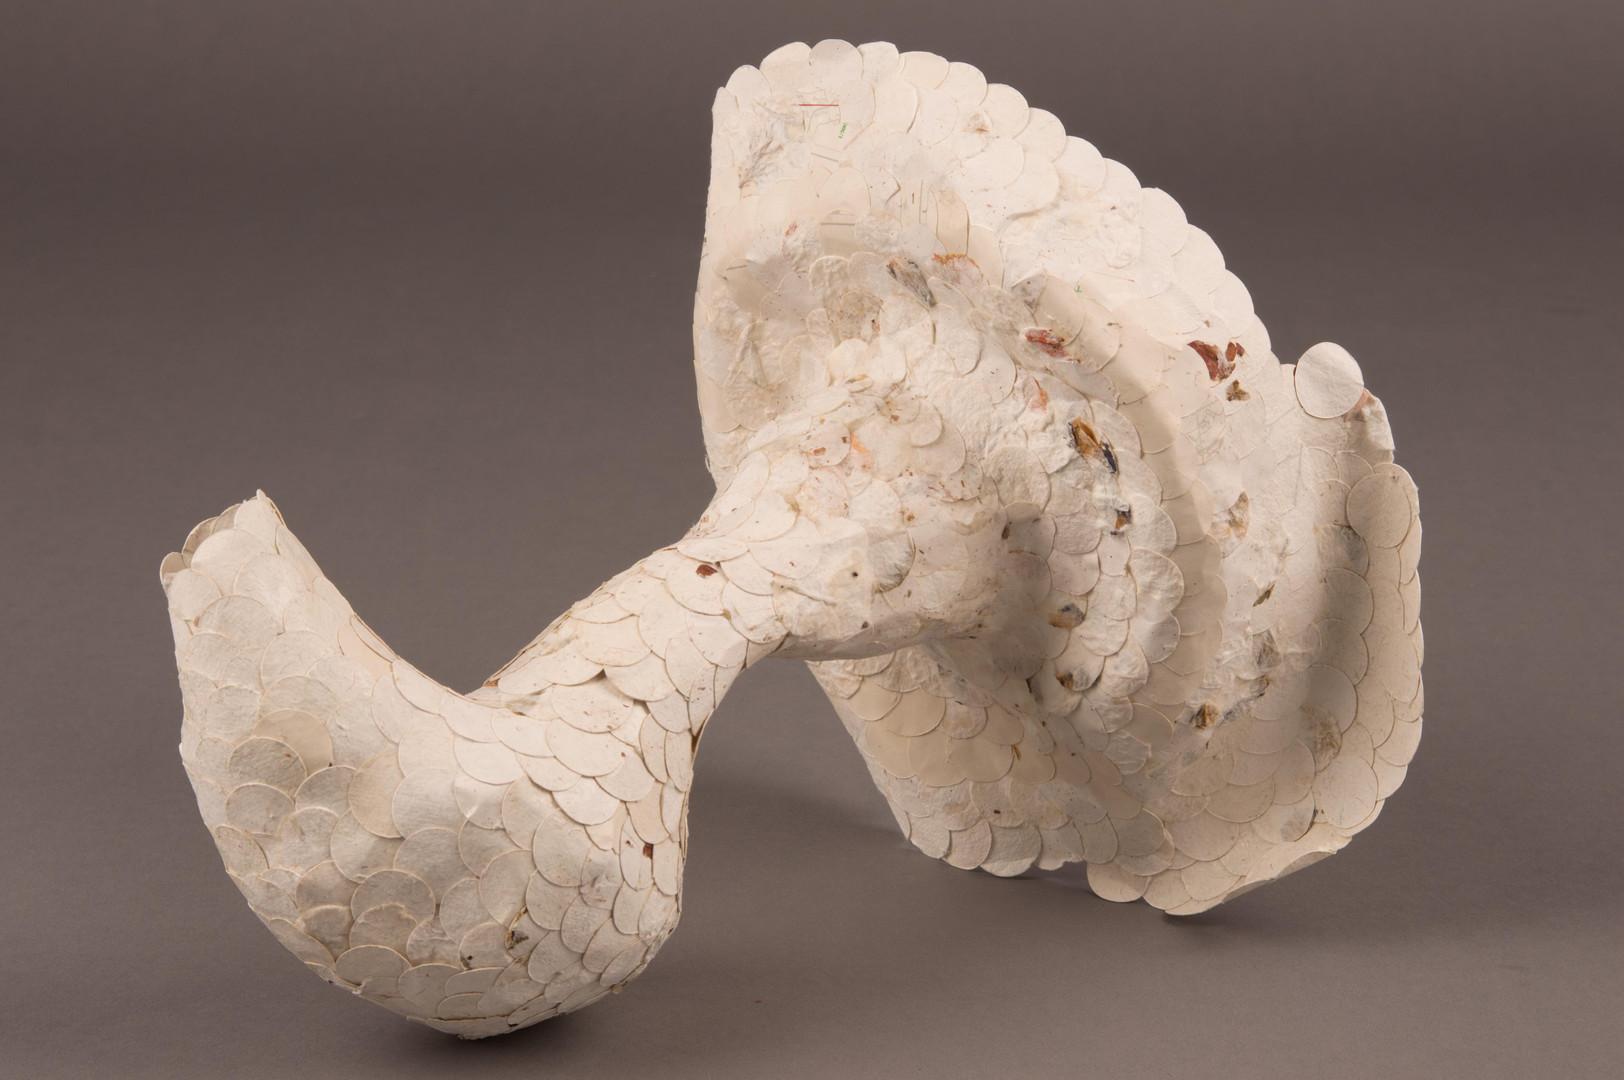 Daisy Rickards paper sculpture